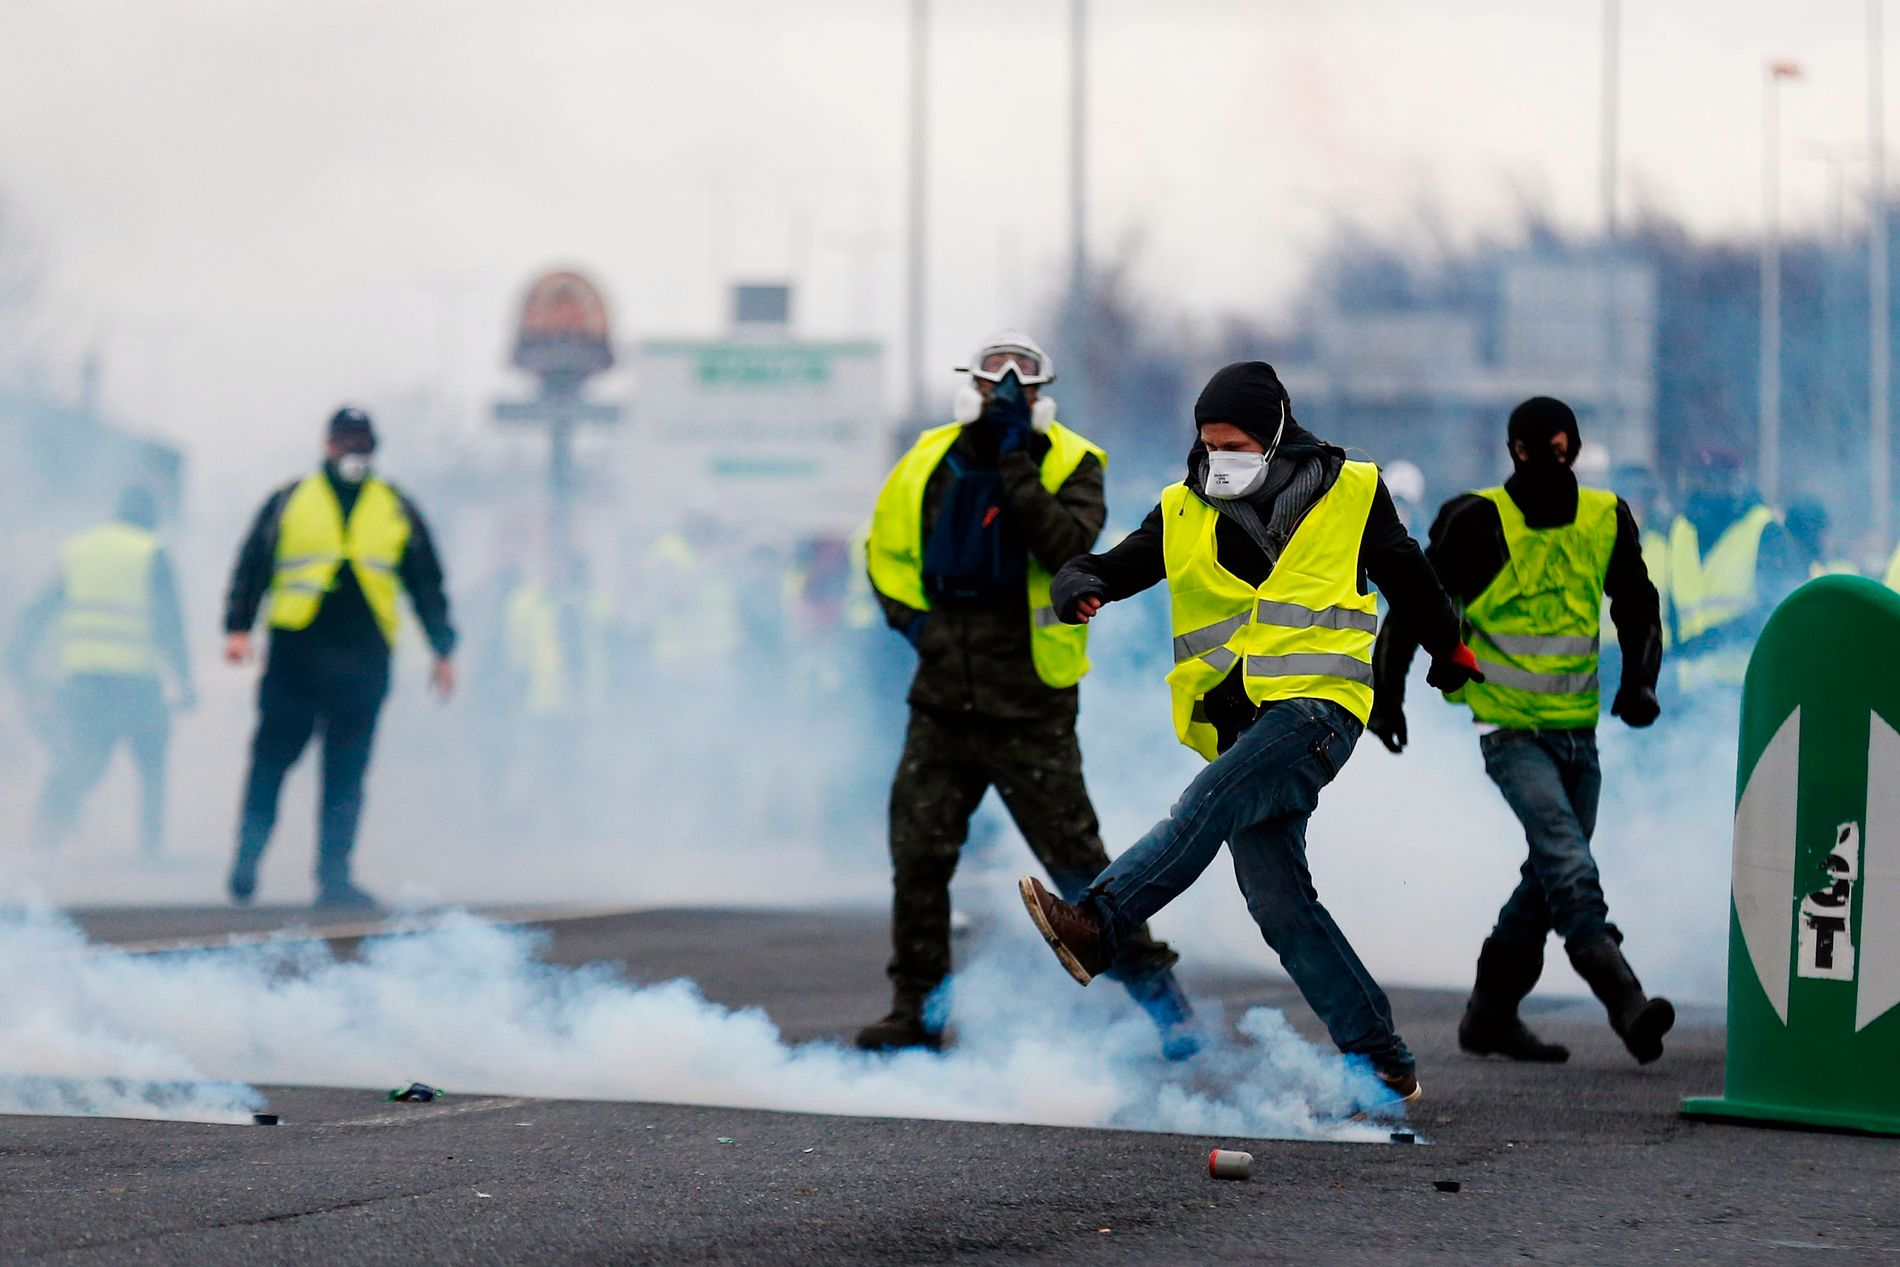 SVARER: Demonstranter fra «de gule vestene» sparker tilbake en kanne med tåregass som politiet har kastet på dem. Bilder er fra byen Caen, nordvest i Frankrike og er tatt 8. desember.